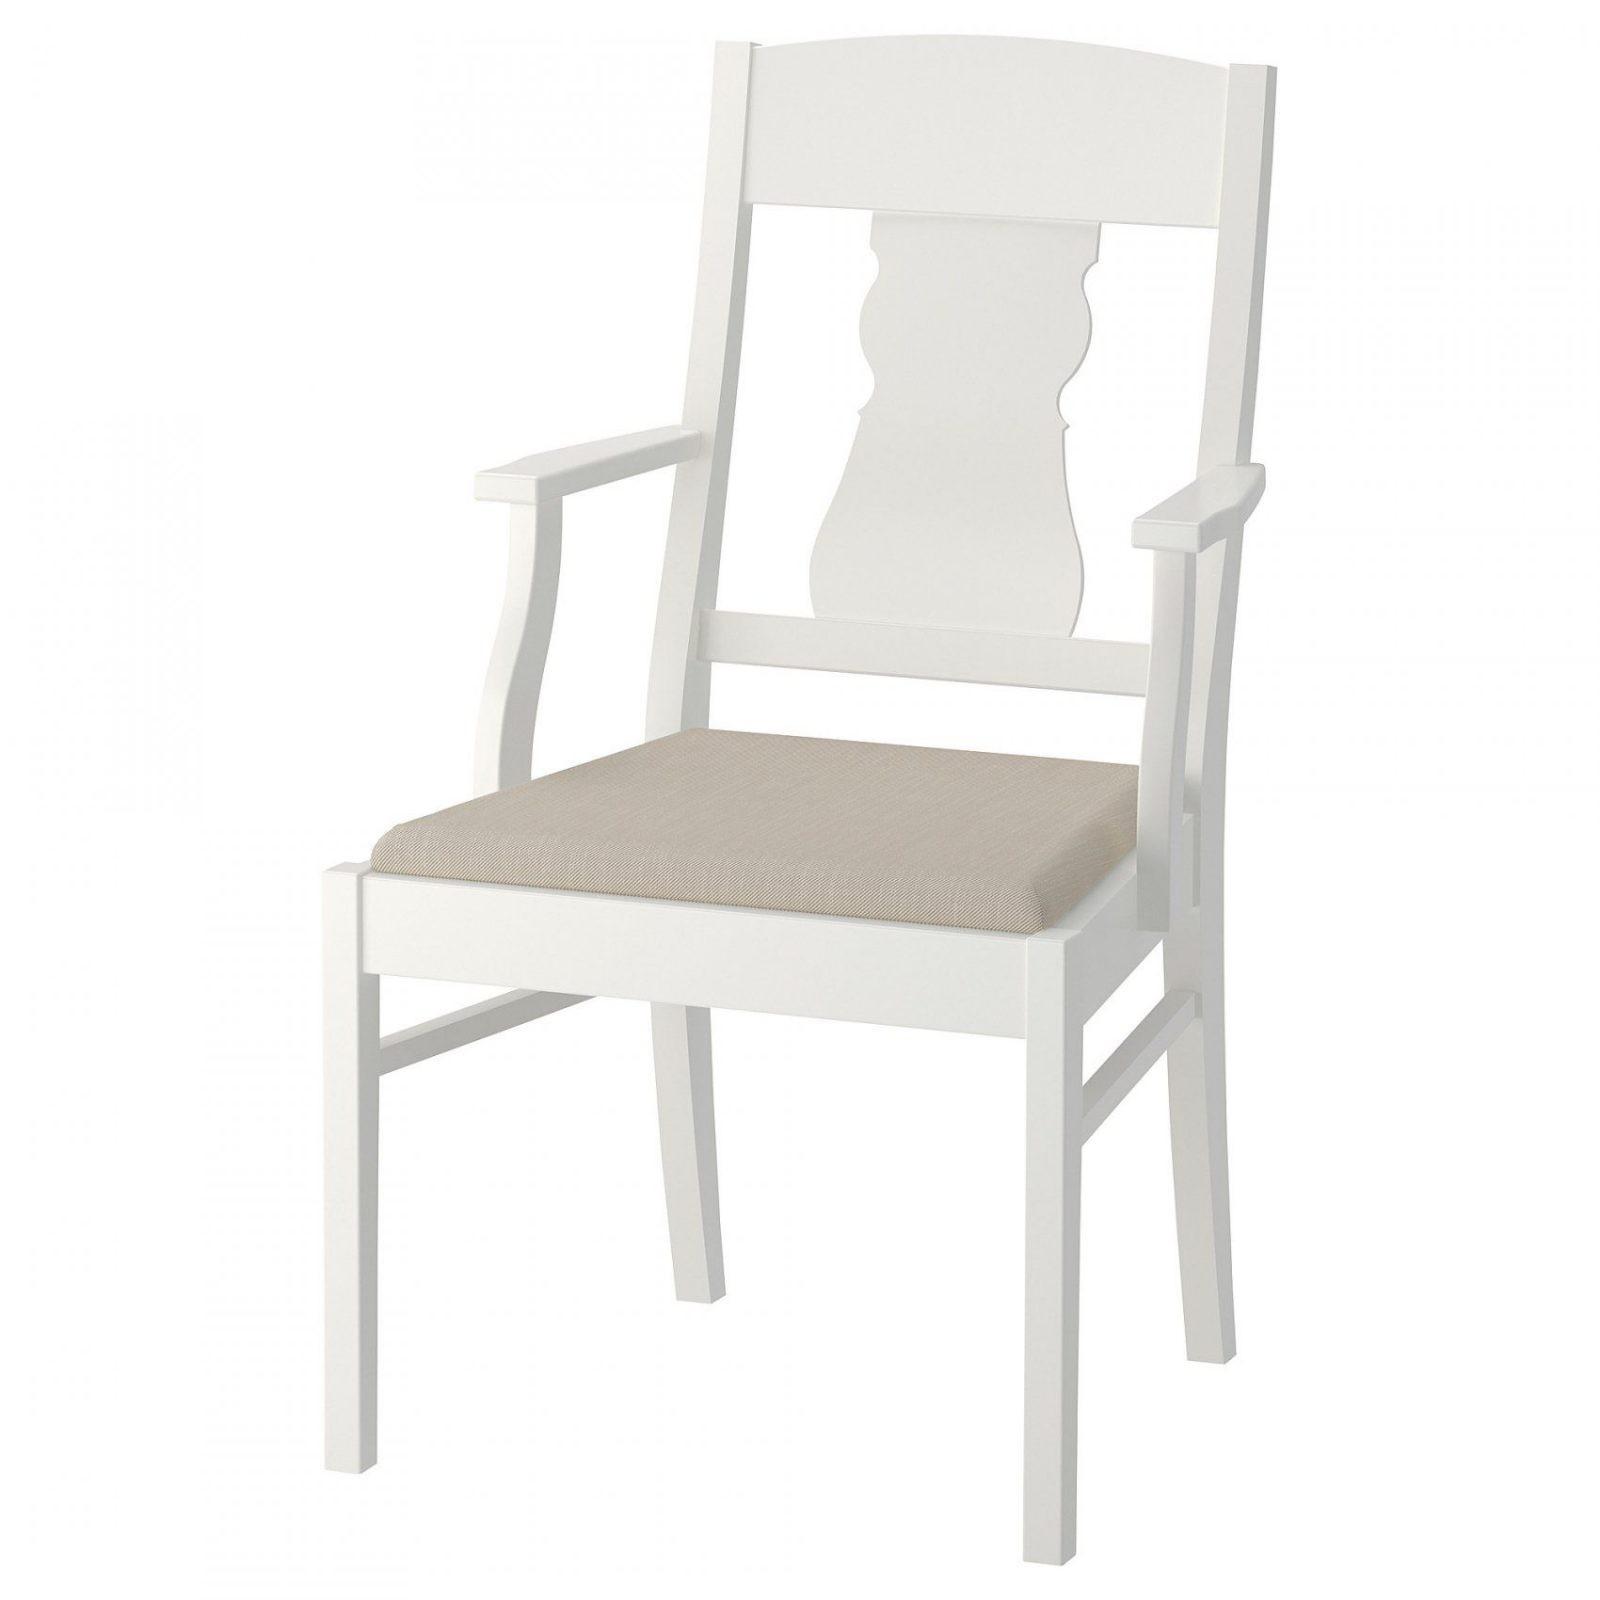 esszimmer erregend roller stühle esszimmer design schick von ikea